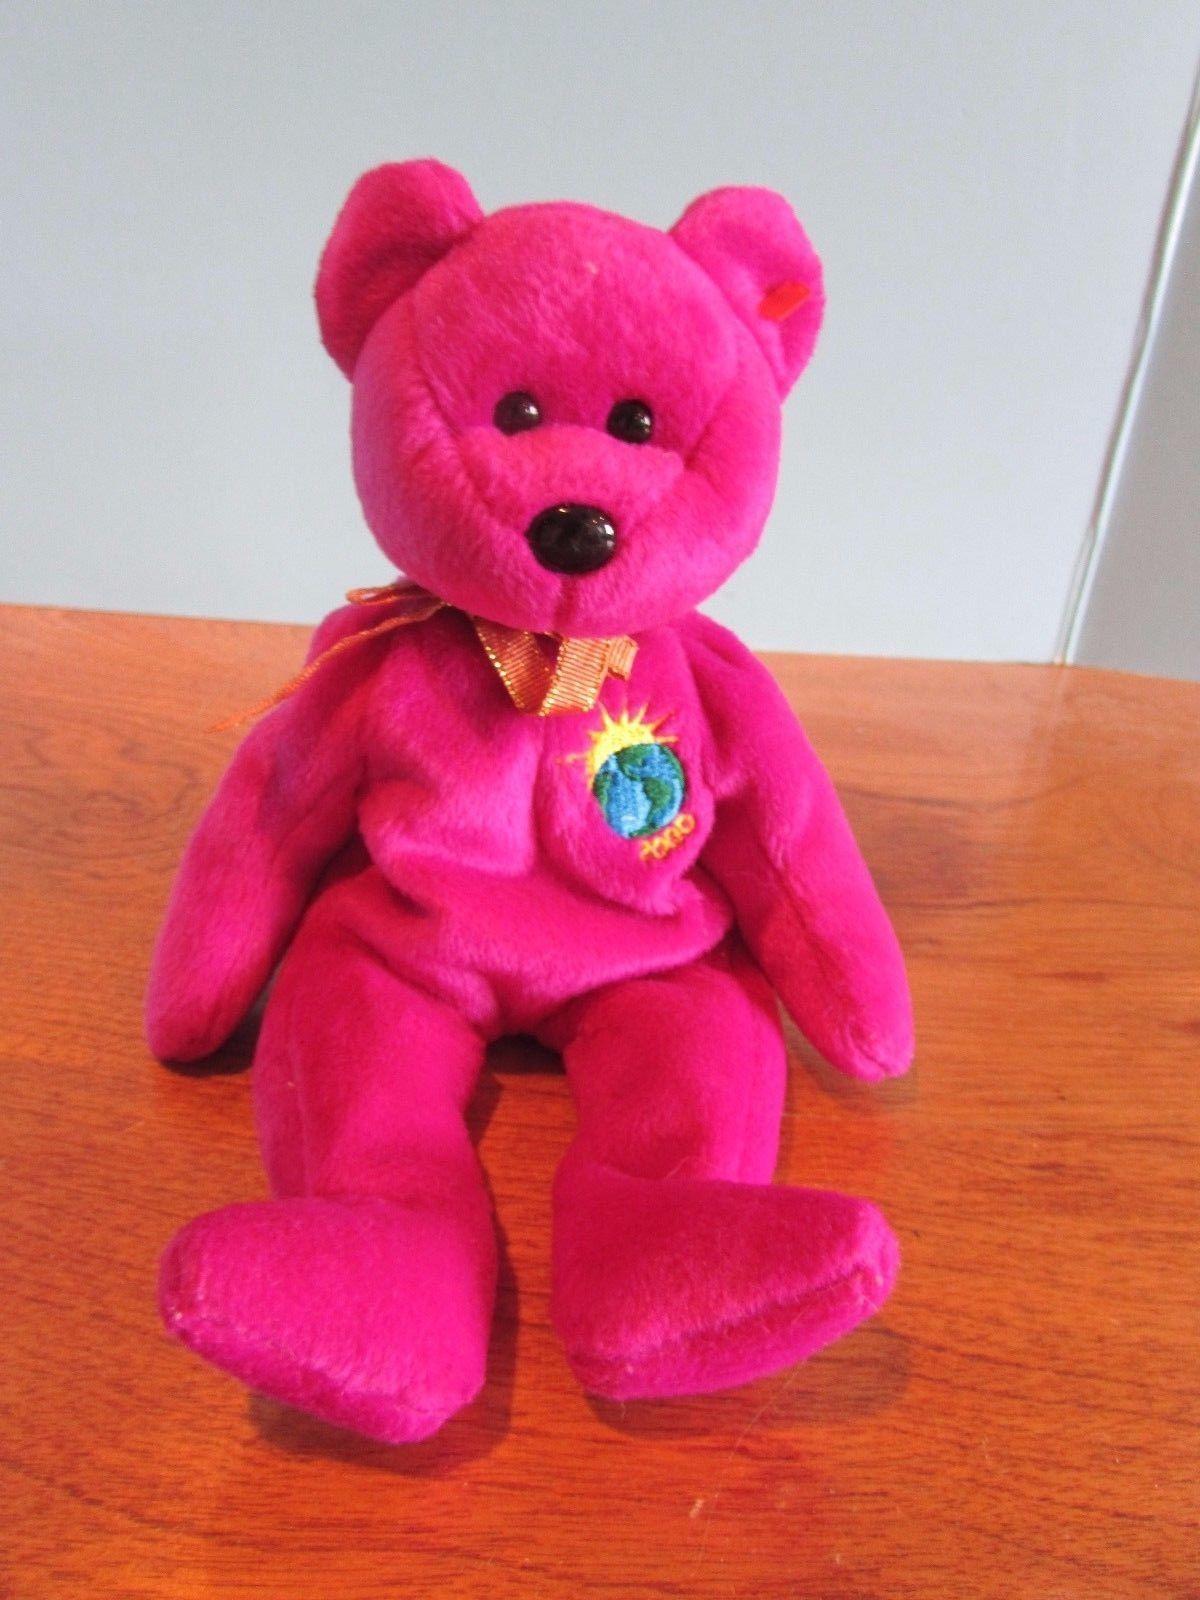 60790bd775e Ty Beanie Babies Baby Plush Bear Millennium and 33 similar items. 57